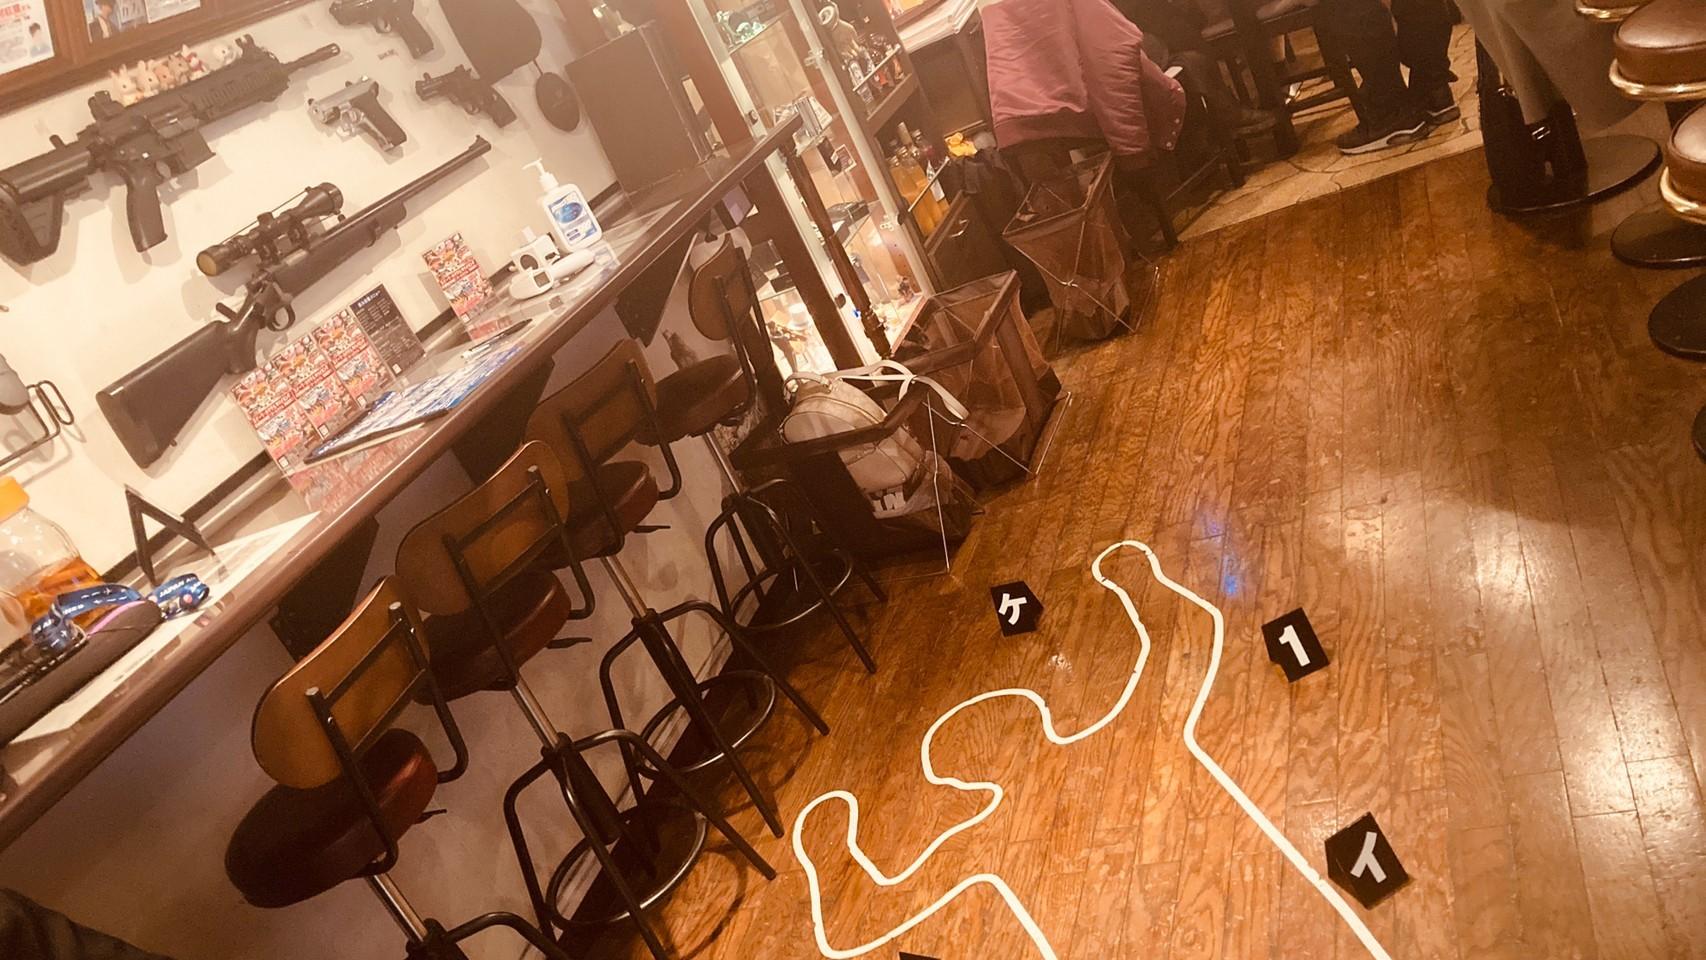 【池袋・探偵カフェ】初めてのコンカフェ!感想を徹底リポートしました!【コンカフェデビュー応援企画】